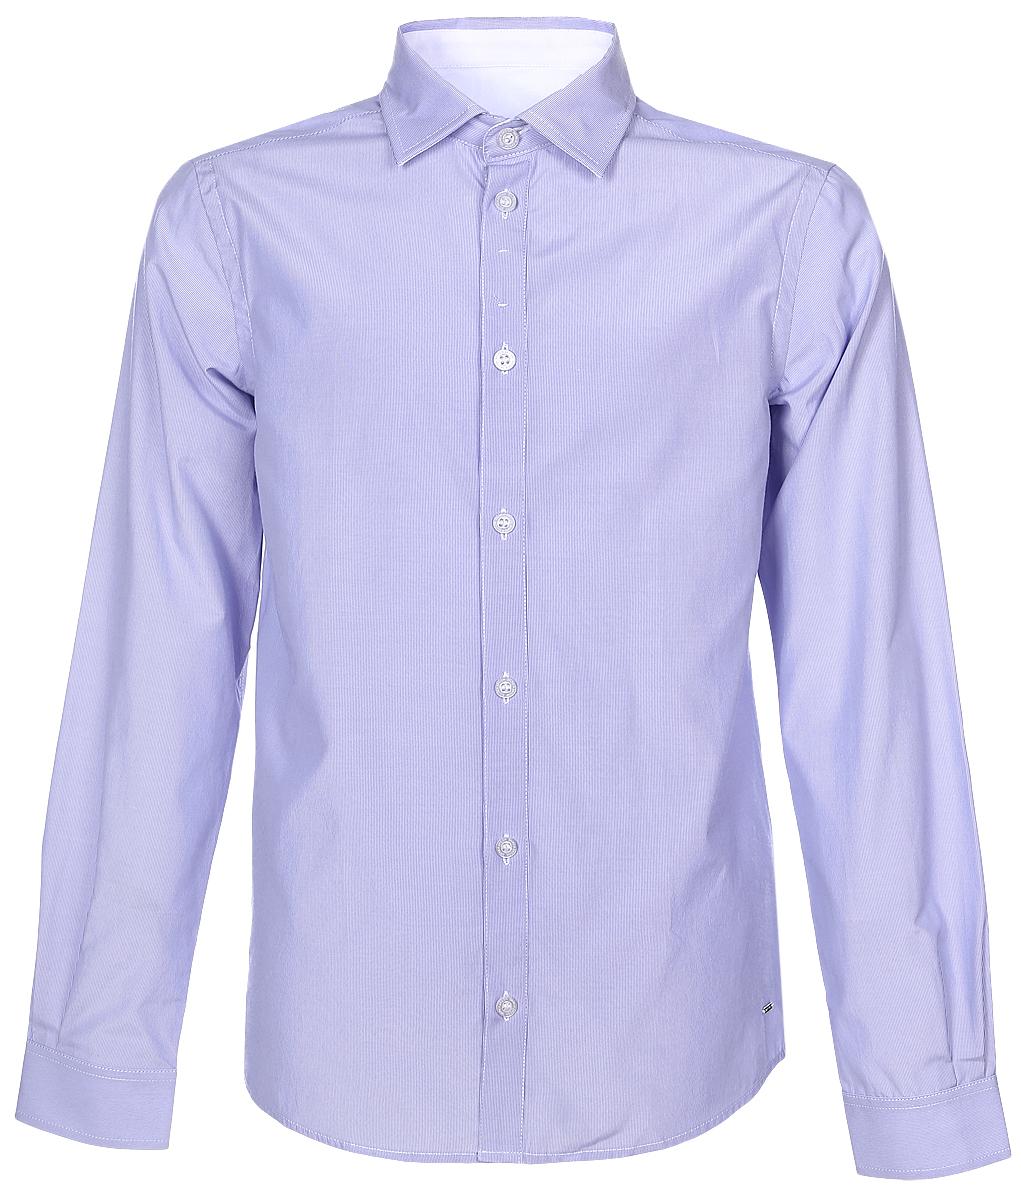 Рубашка для мальчика Silver Spoon, цвет: сиреневый, белый. SSFSB-629-13831-334. Размер 164SSFSB-629-13831-334Стильная рубашка Silver Spoon станет отличным дополнением к школьному гардеробу вашего мальчика. Модель, выполненная из хлопка с добавлением полиэстера, необычайно мягкая и приятная на ощупь, не сковывает движения и позволяет коже дышать. Рубашка классического кроя с длинными рукавами и отложным воротником застегивается на пуговицы по всей длине. На манжетах предусмотрены застежки-пуговицы. Модель оформлена принтом в мелкую полоску.